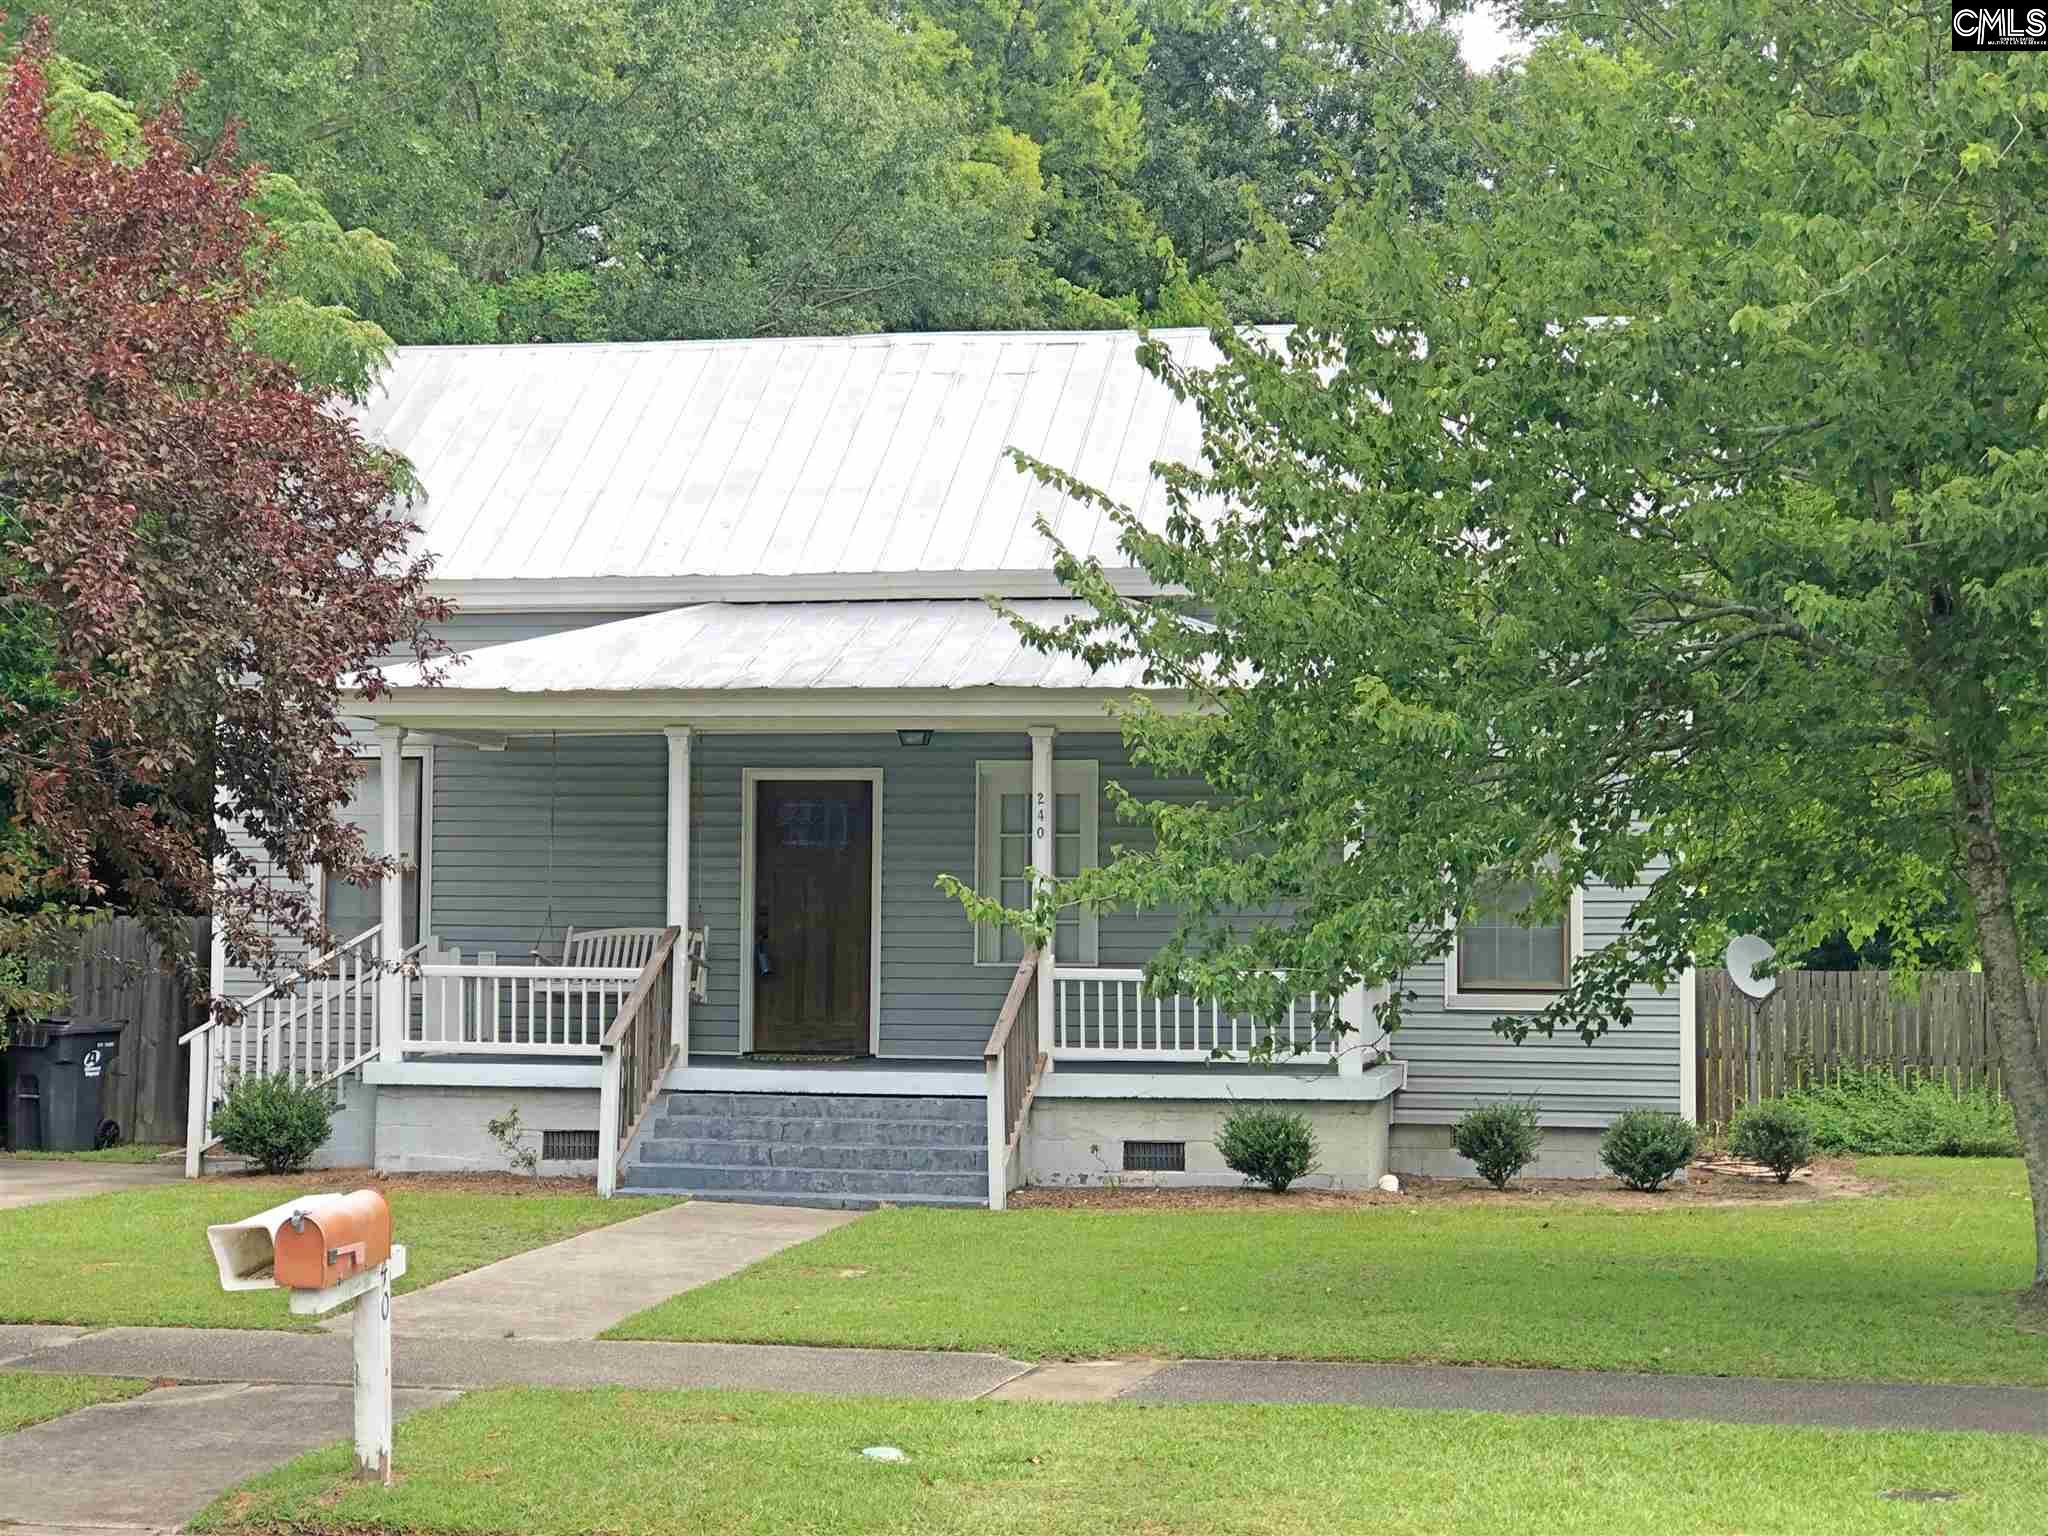 240 Main Leesville, SC 29070